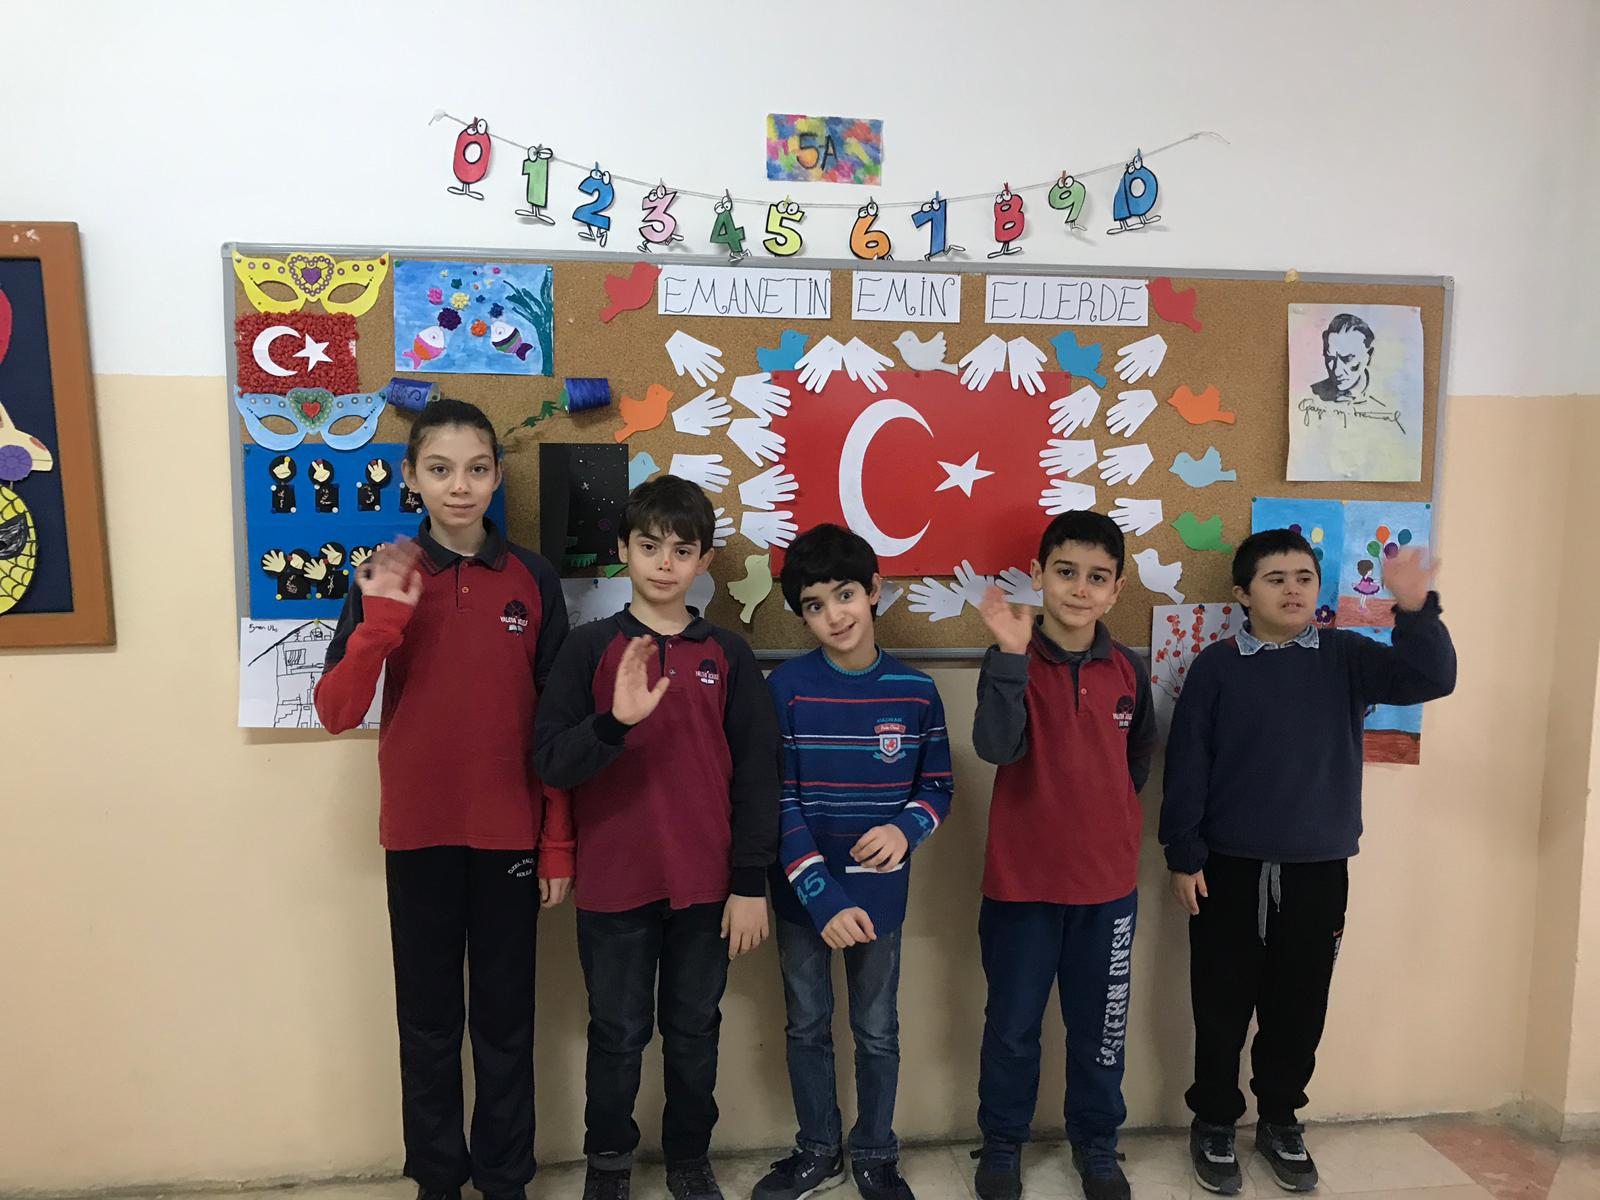 Alime Paşa Özel Eğitim Ortaokuluna Ziyaret